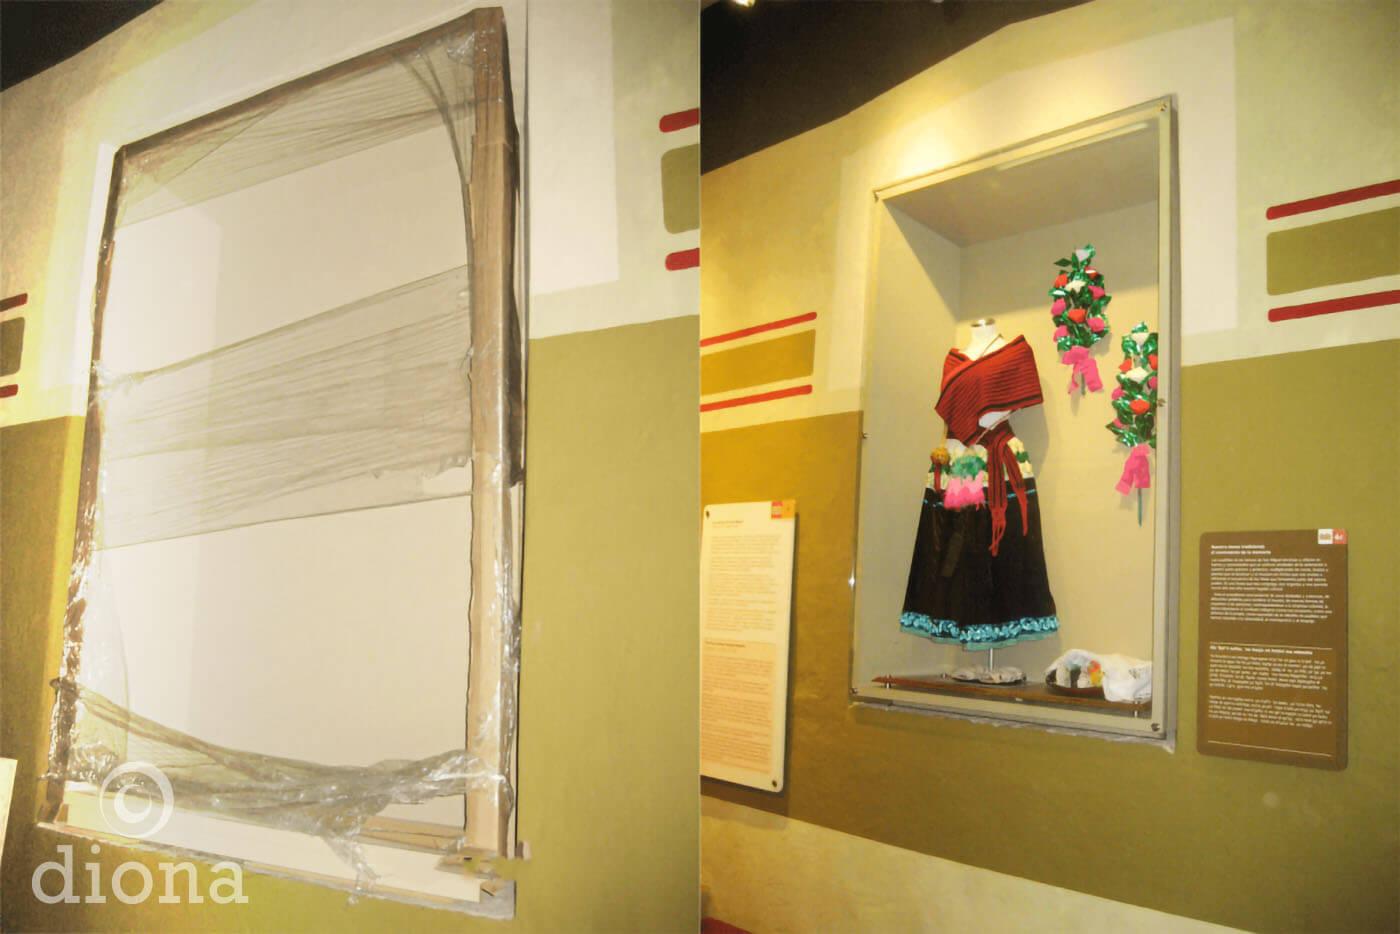 diseño industrial, mobiliario - Museo Comunitario de la Cultura Ñöñho, San Miguel Tolimán, Querétaro diona